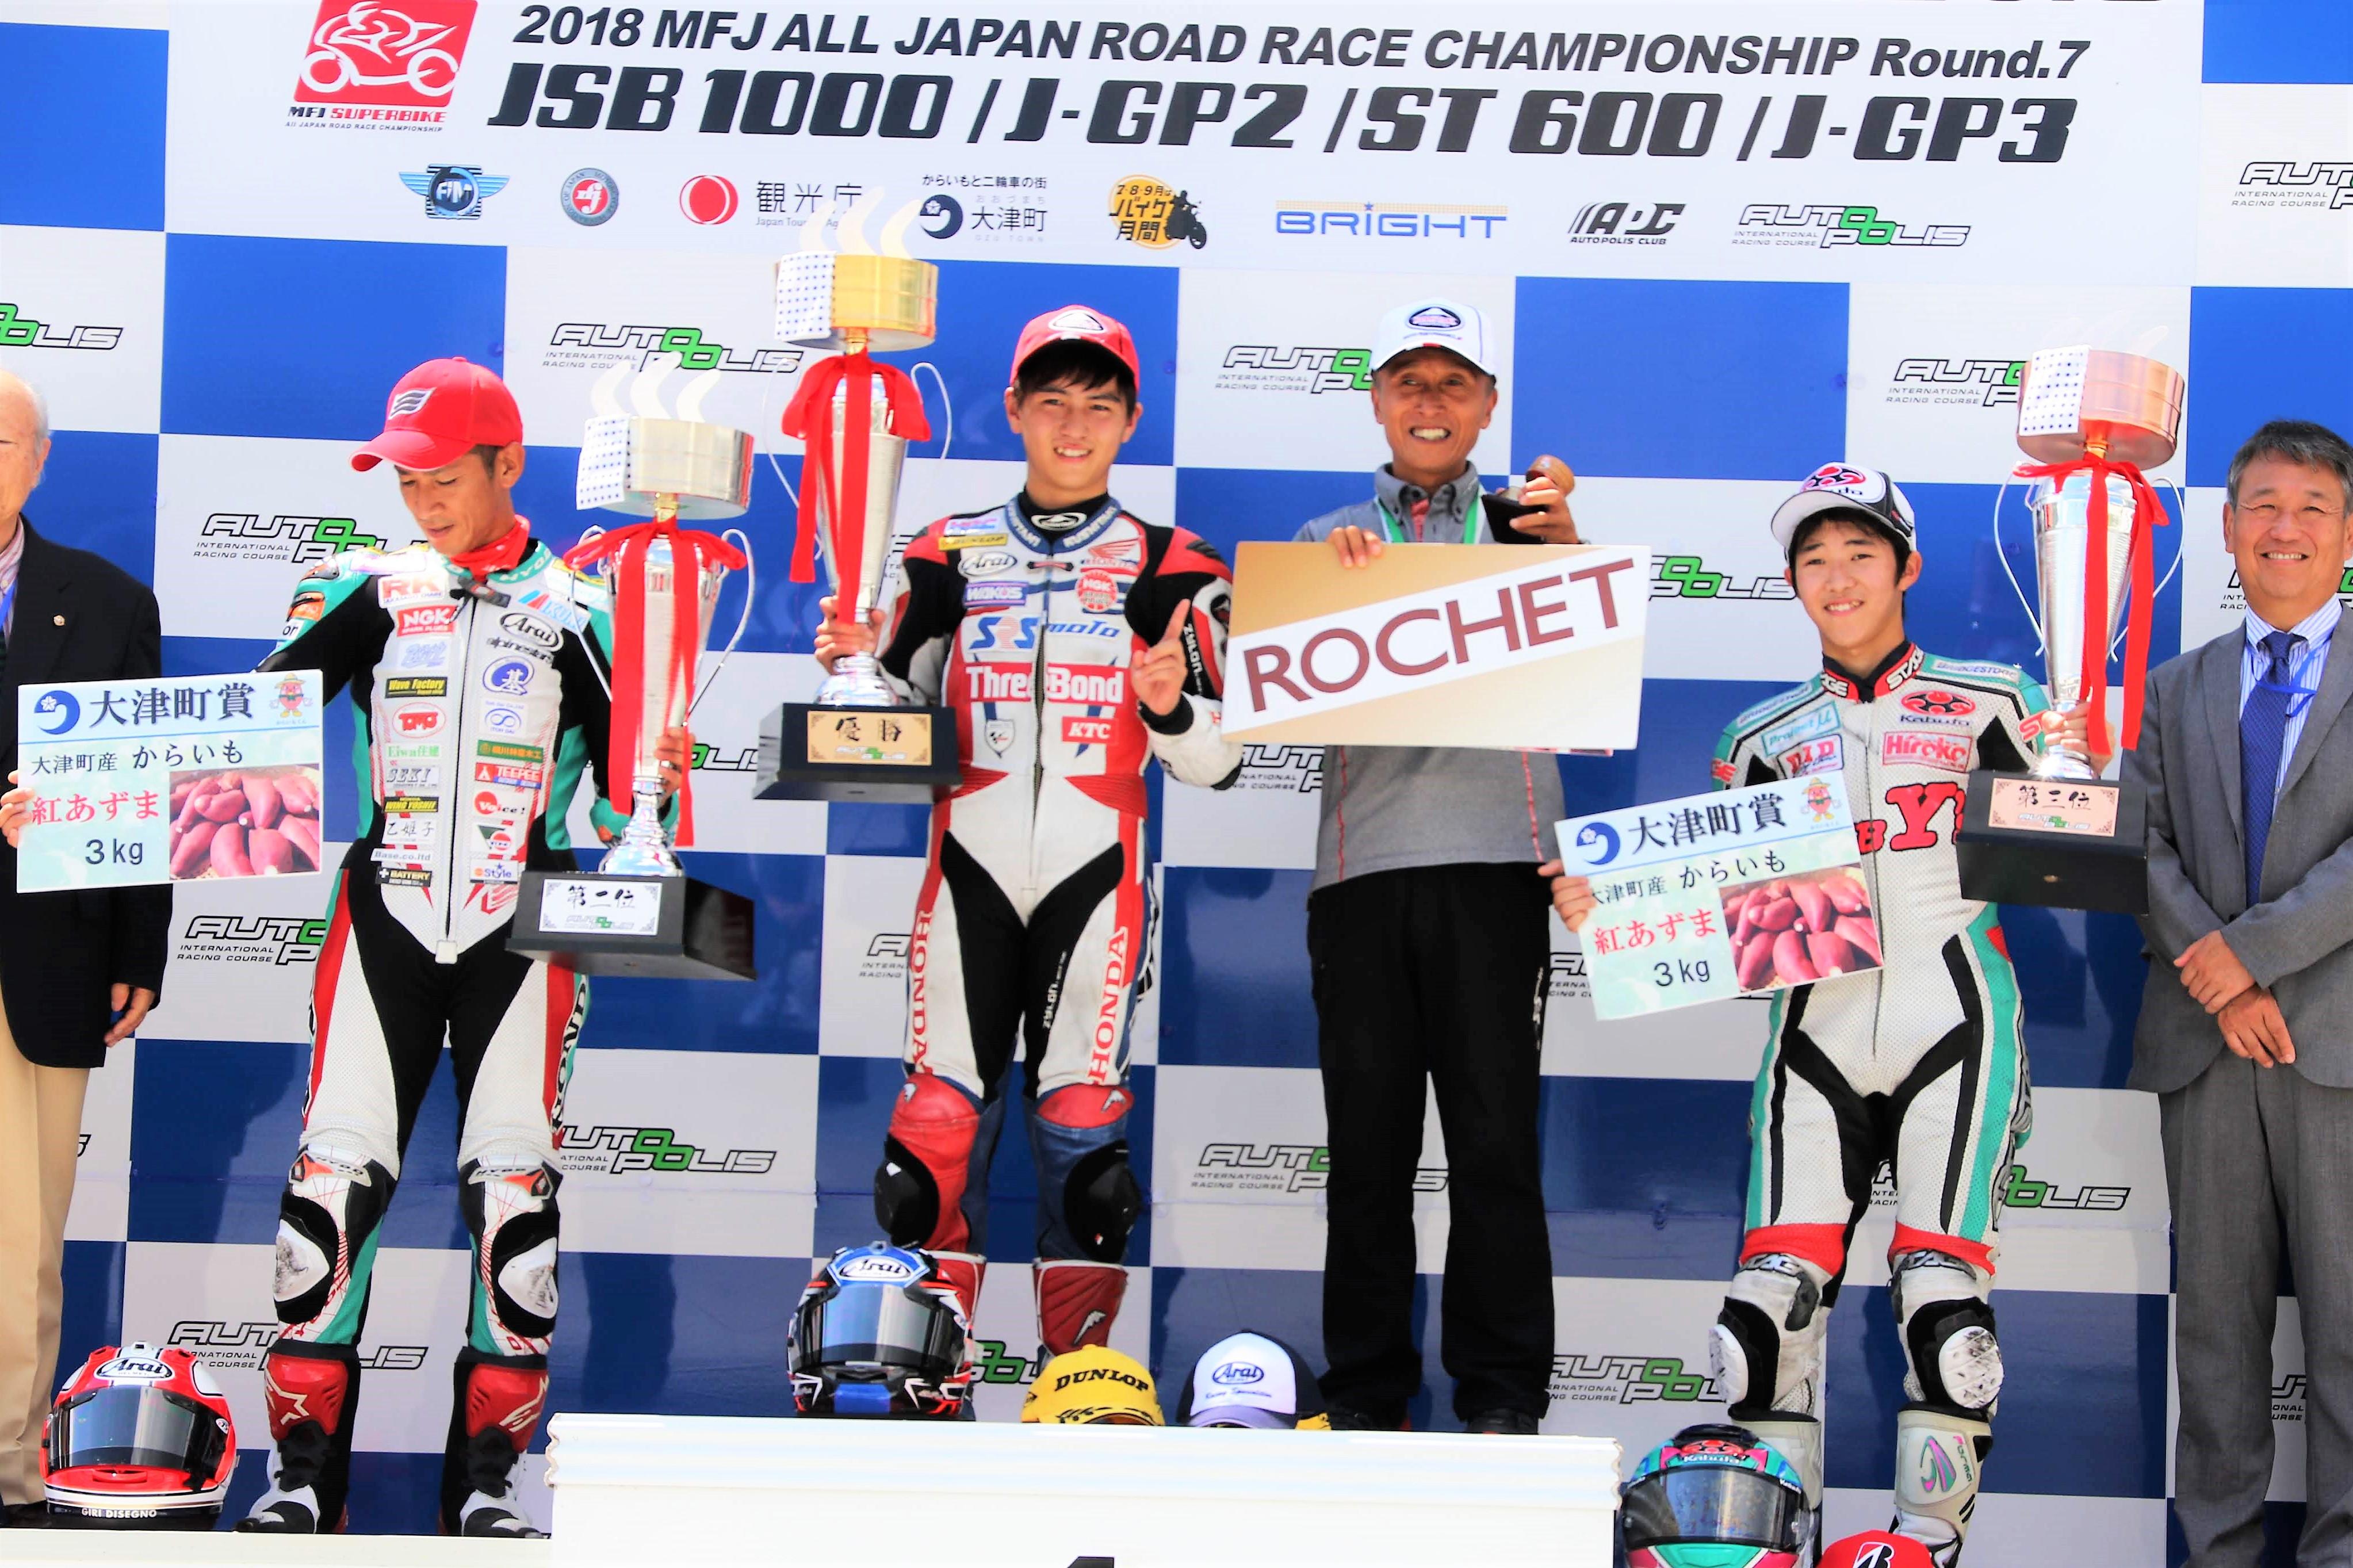 全日本ロードレース選手権Rd.7 決勝レポート